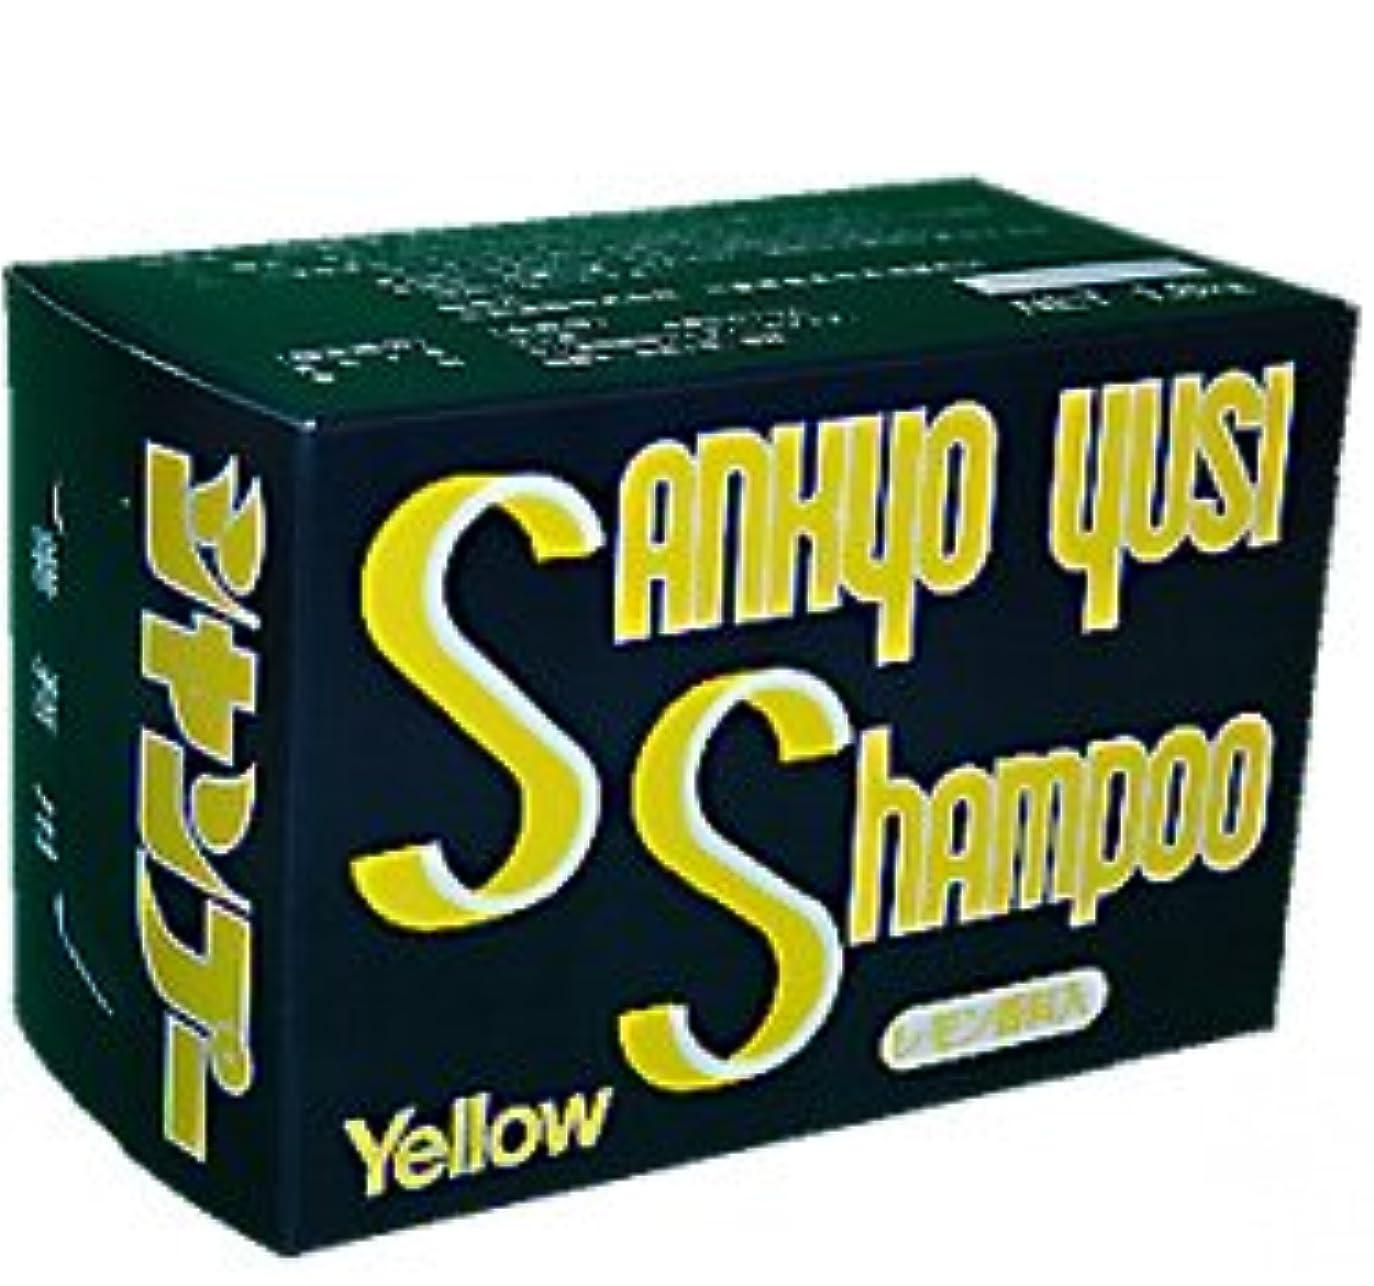 ヒューマニスティック更新甘くする三共油脂 イエローシャンプー レモンの香り 1.8kg 溶かして使う超濃縮固形タイプ